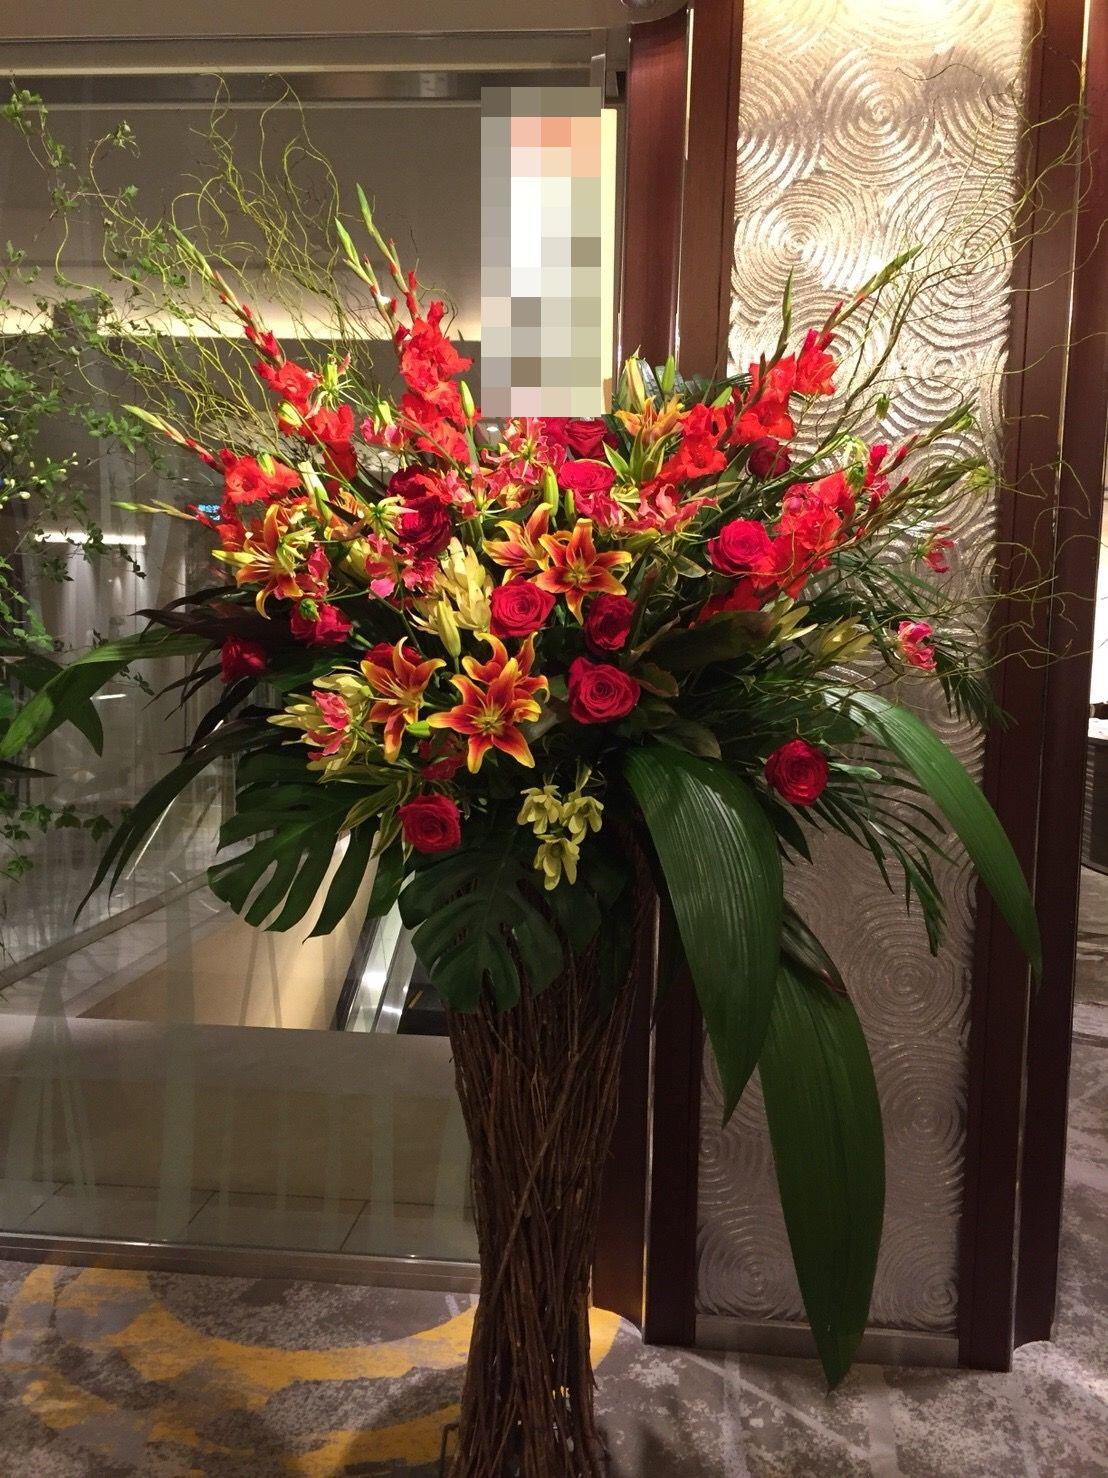 【ナオ花屋の納品事例127】横浜市関内の法人企業様よりスタンド花を配達しました!